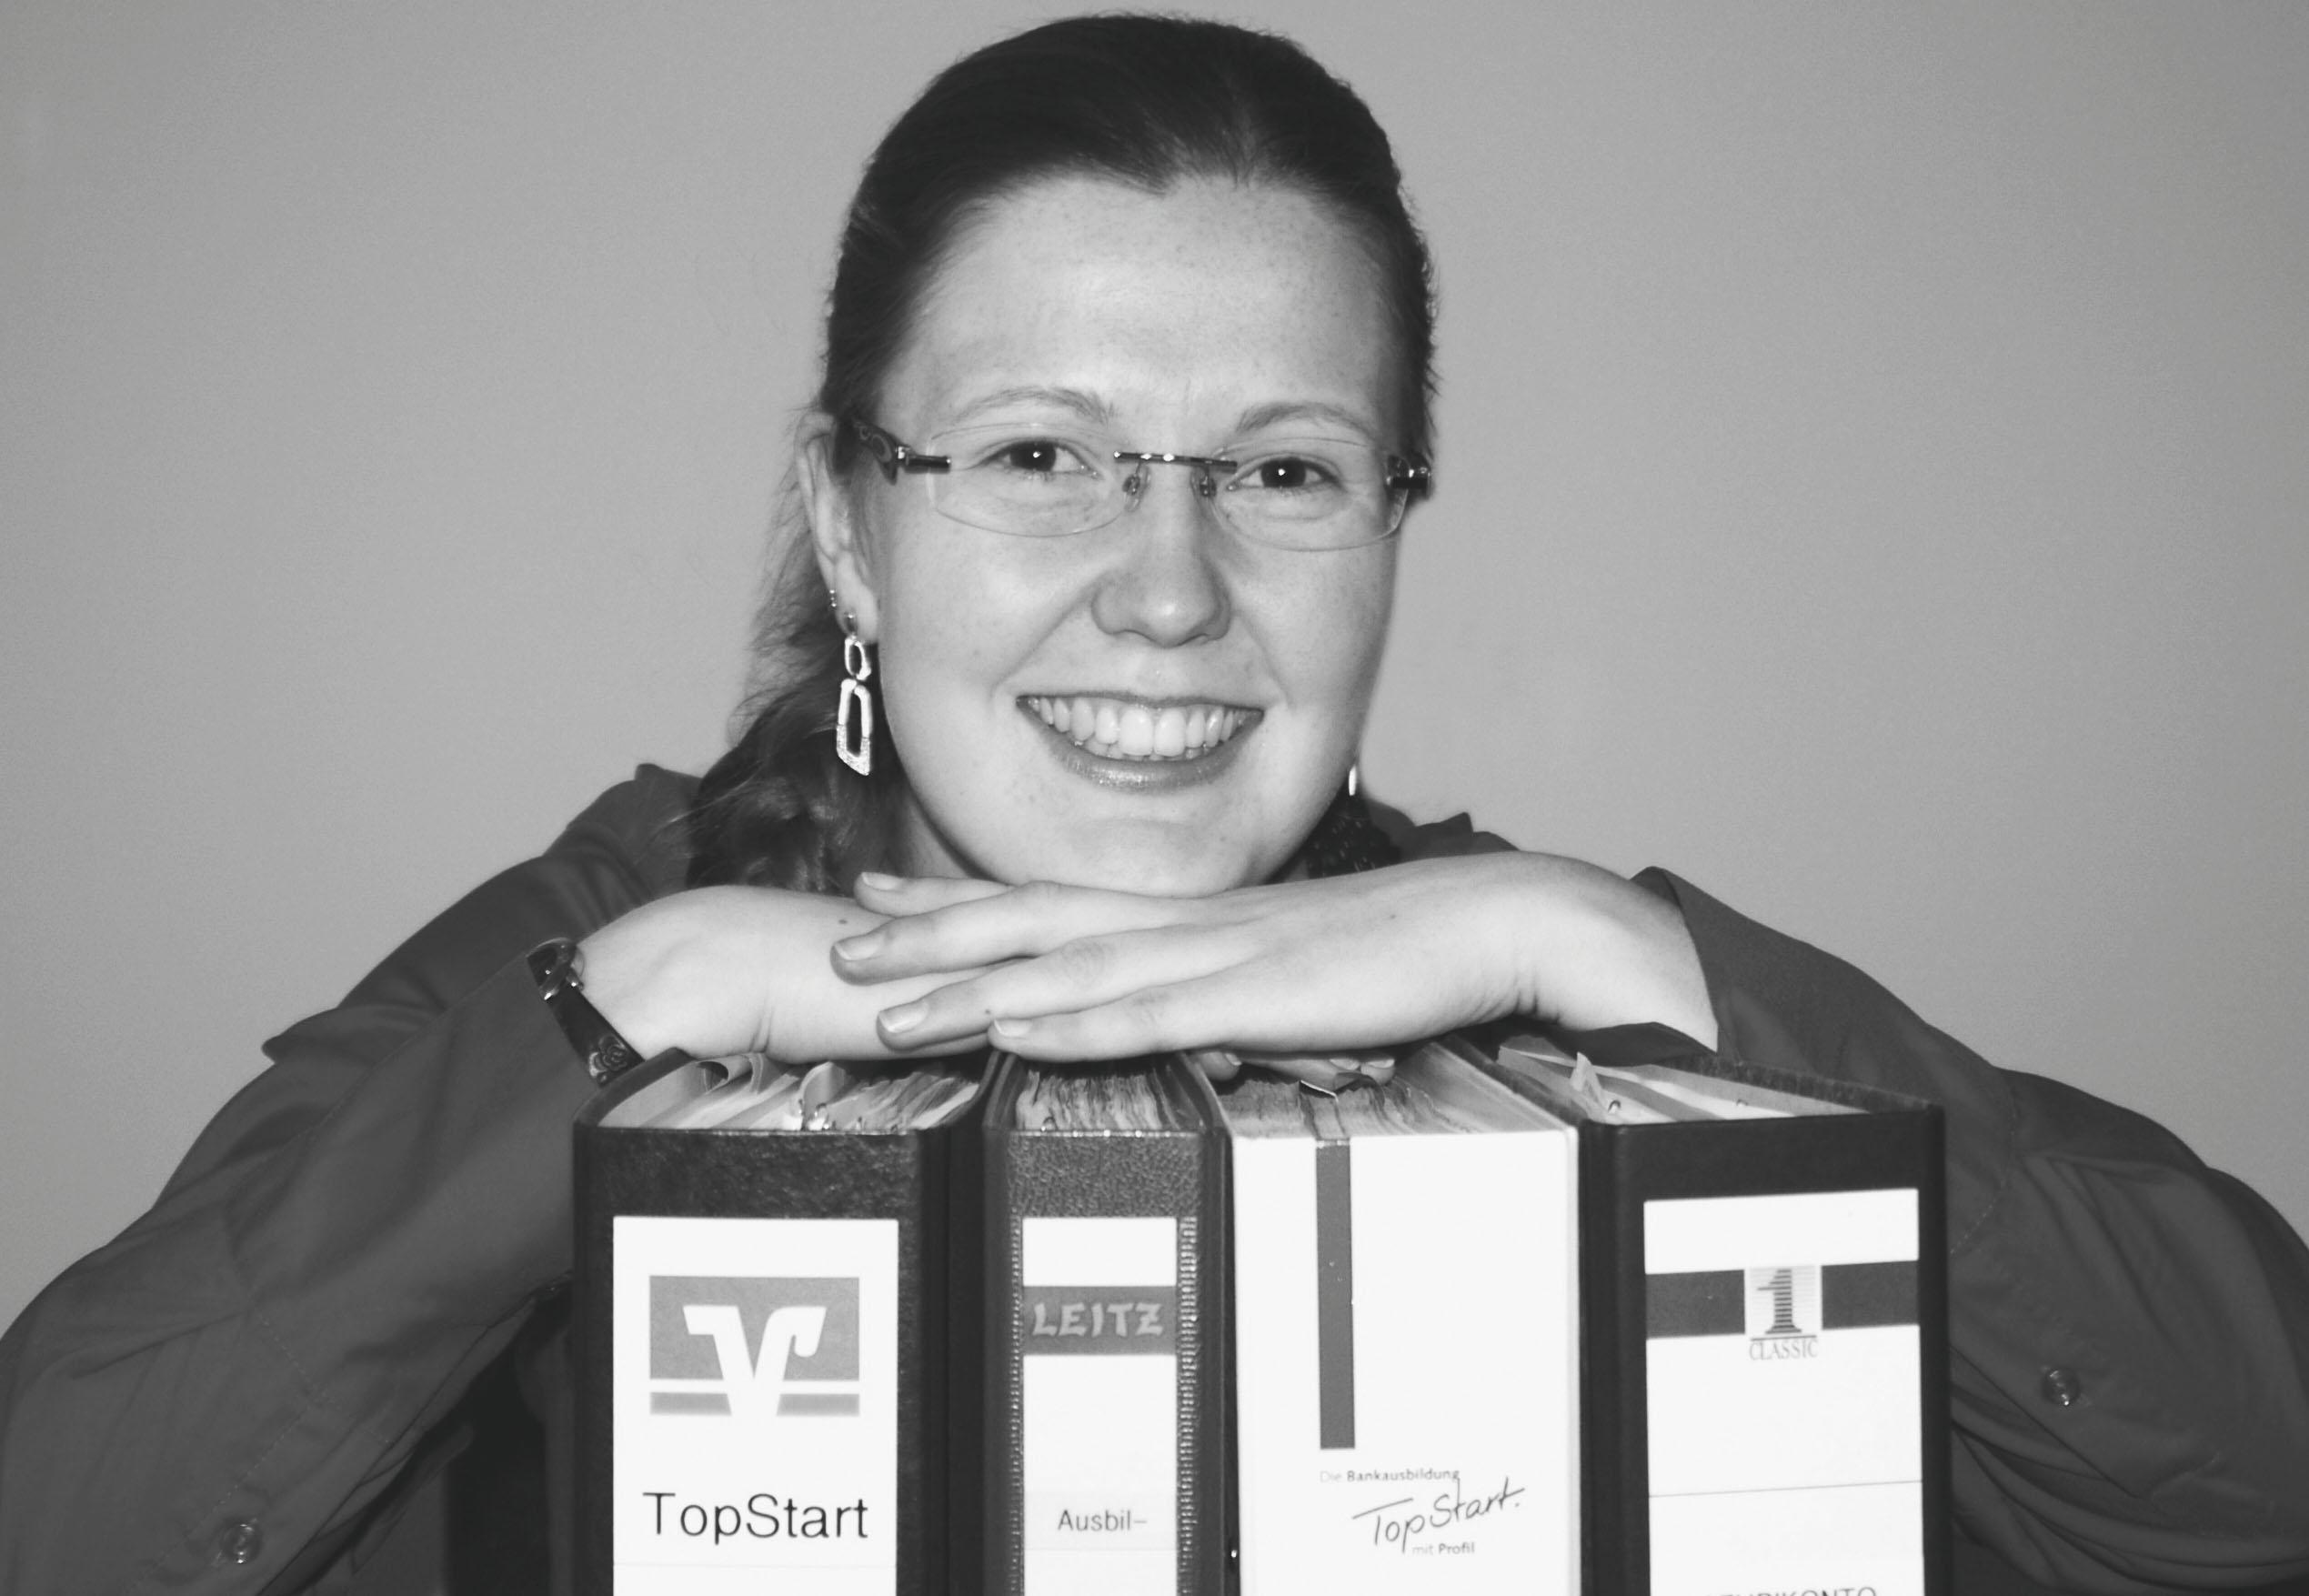 Eine junge Frau stützt ihr Kinn auf Ordner und lächelt in die Kamera.